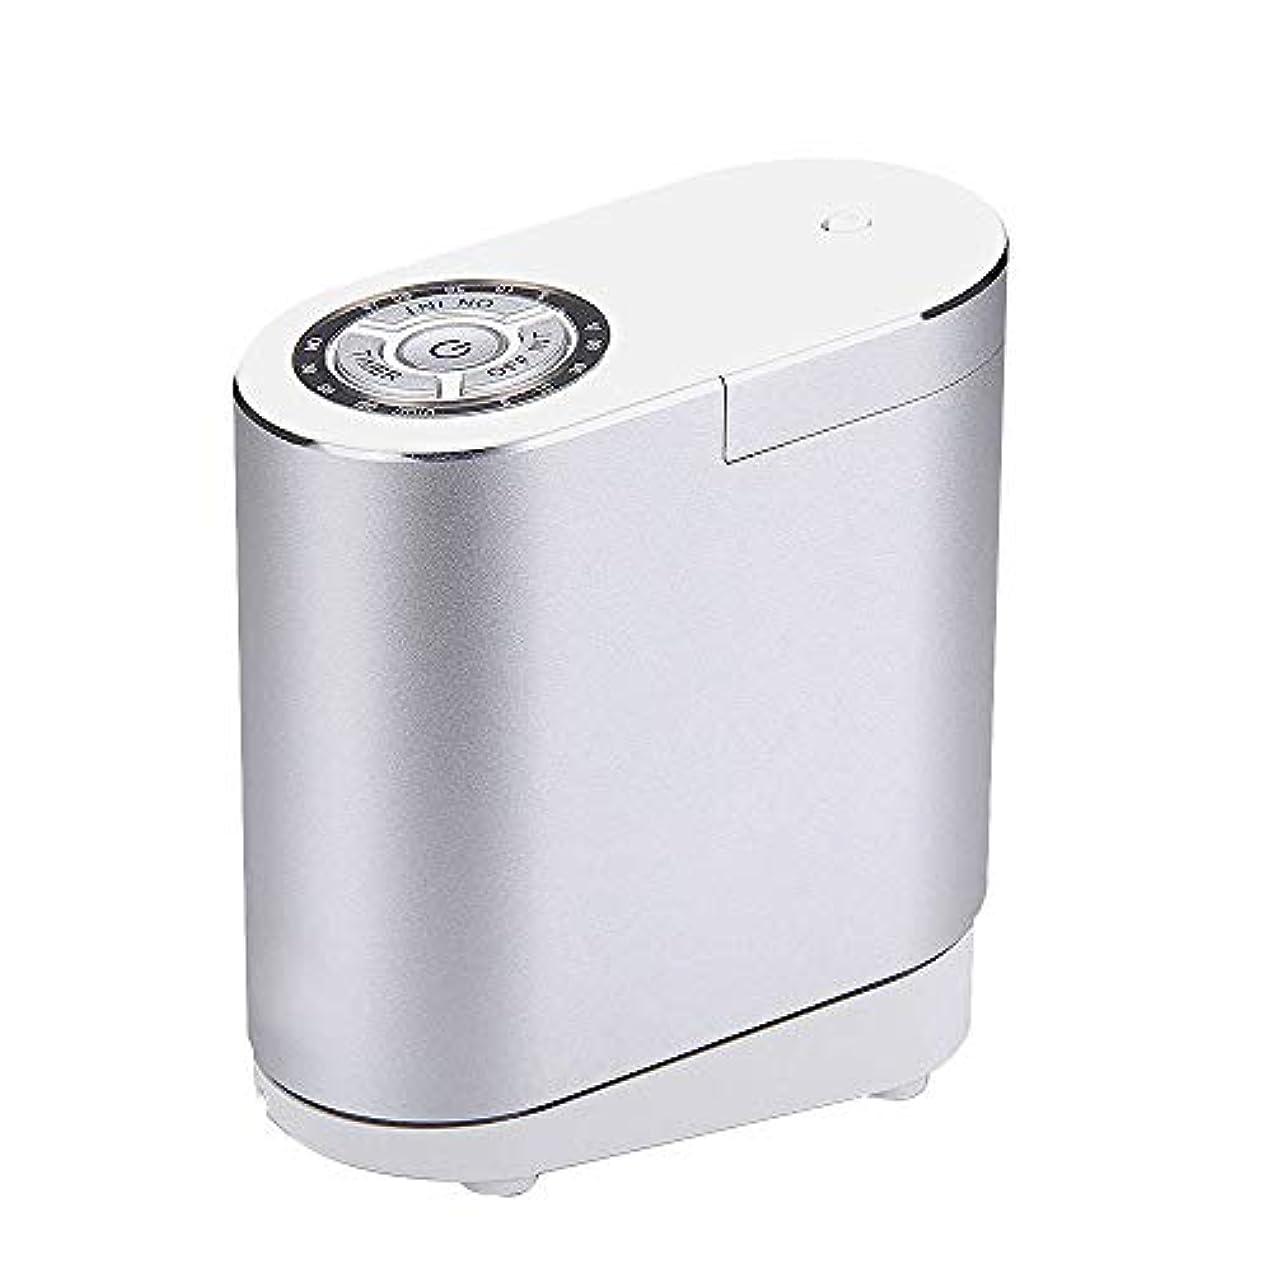 精油の拡散器、総本店の寝室部屋のための携帯用超音波拡散器の涼しい霧の加湿器,silver30ML